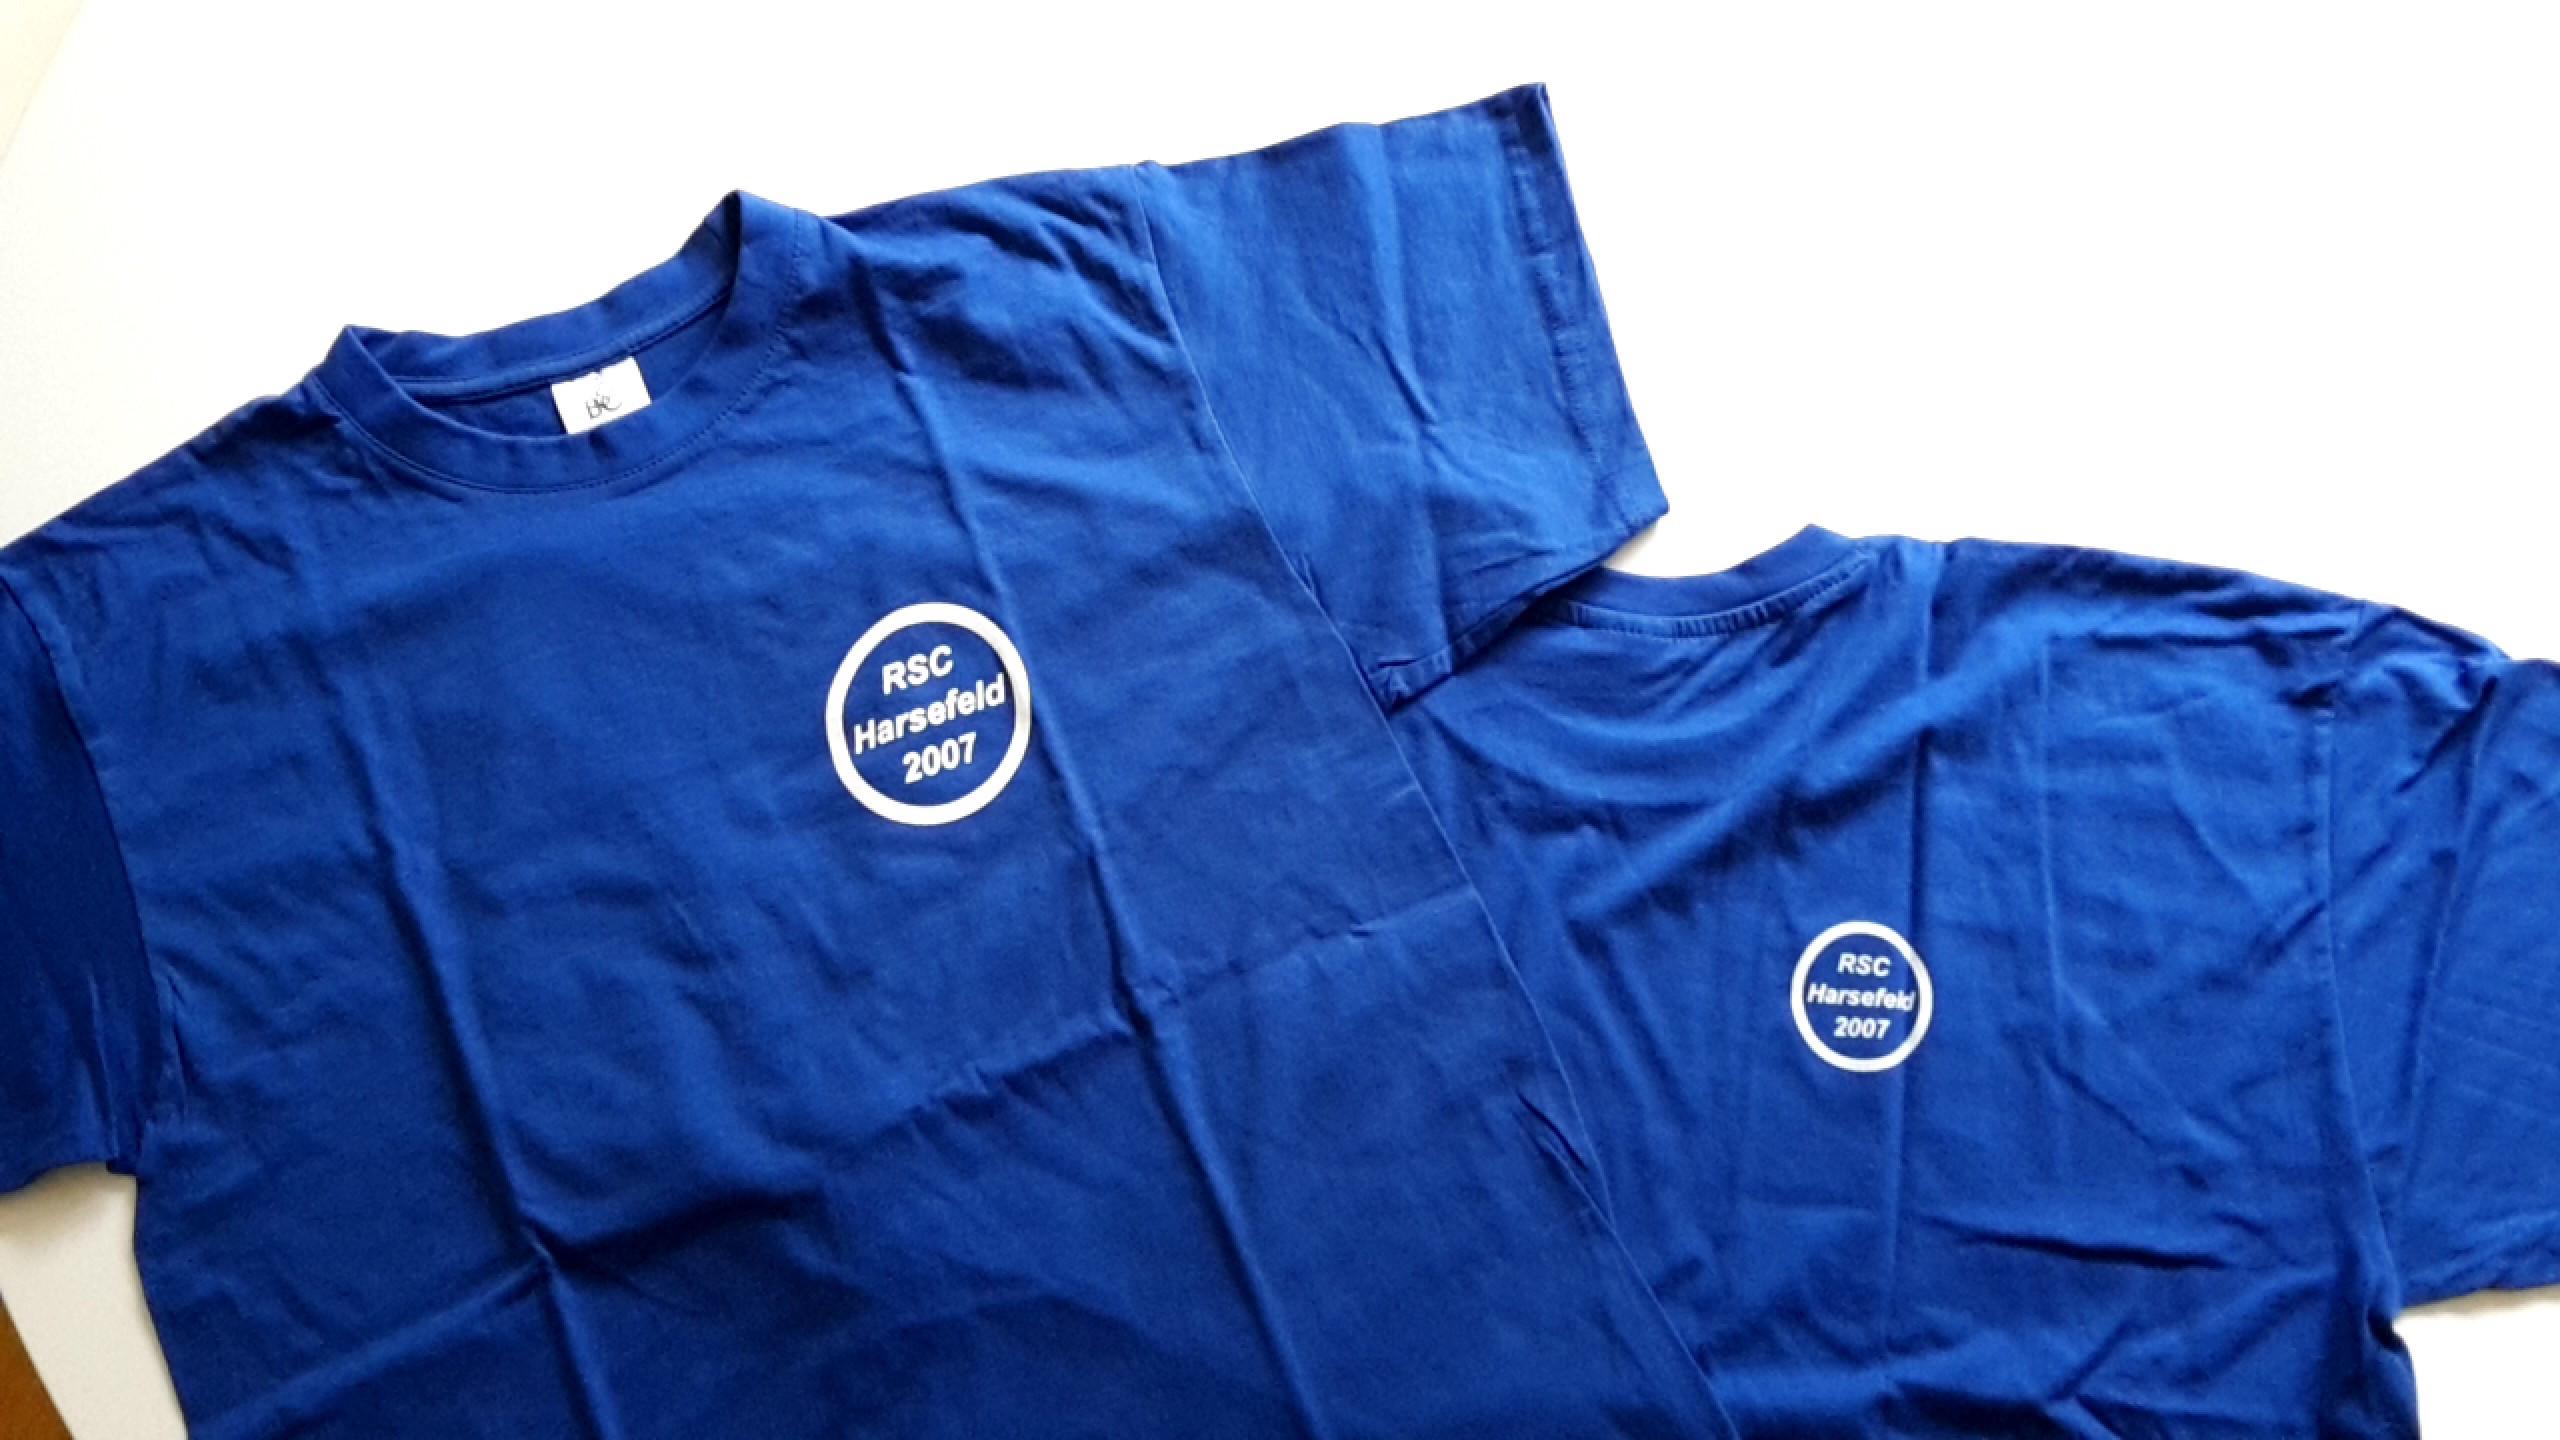 rsch-t-shirts